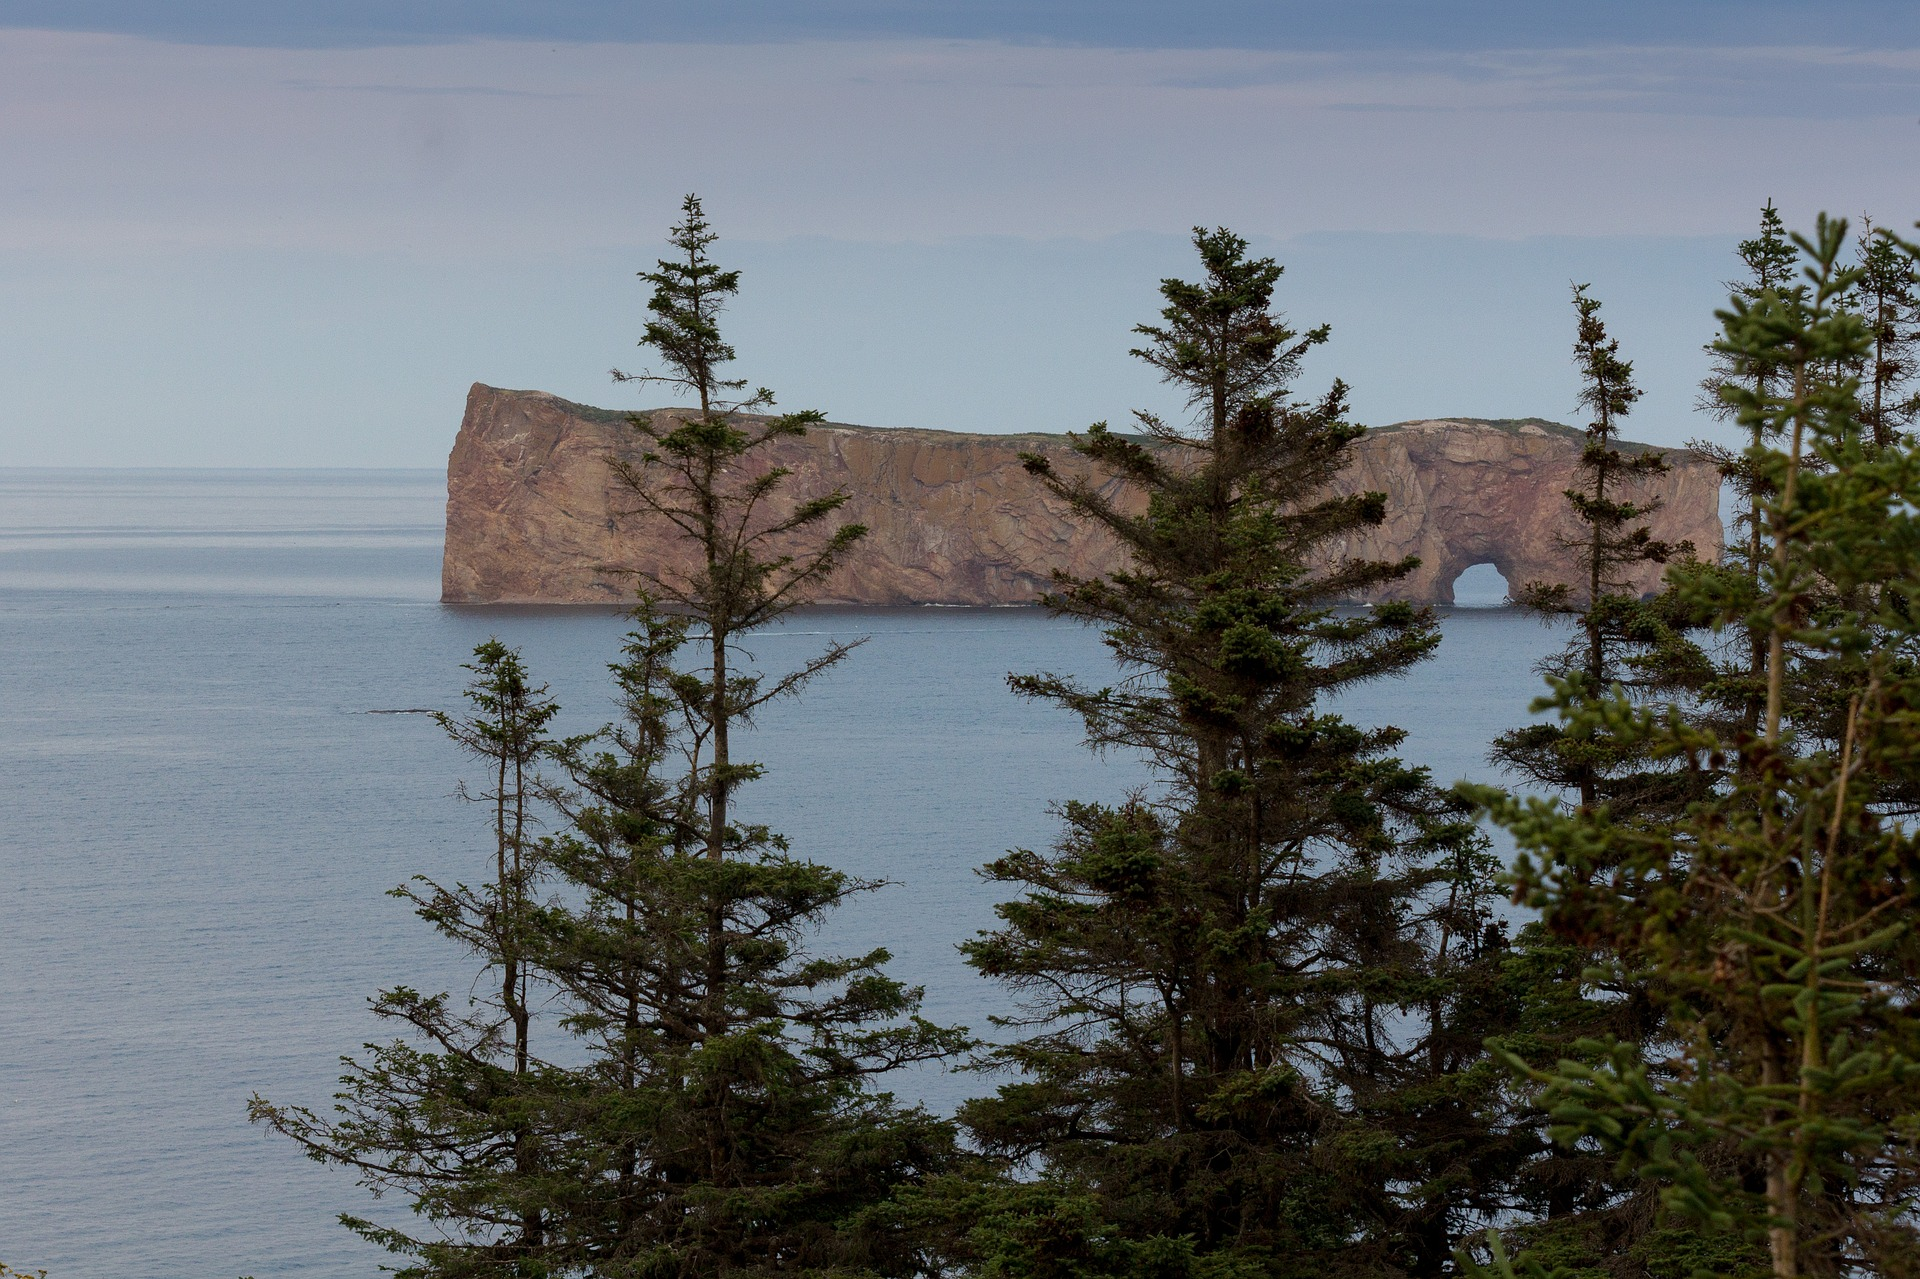 Gaspe Peninsula, Canada